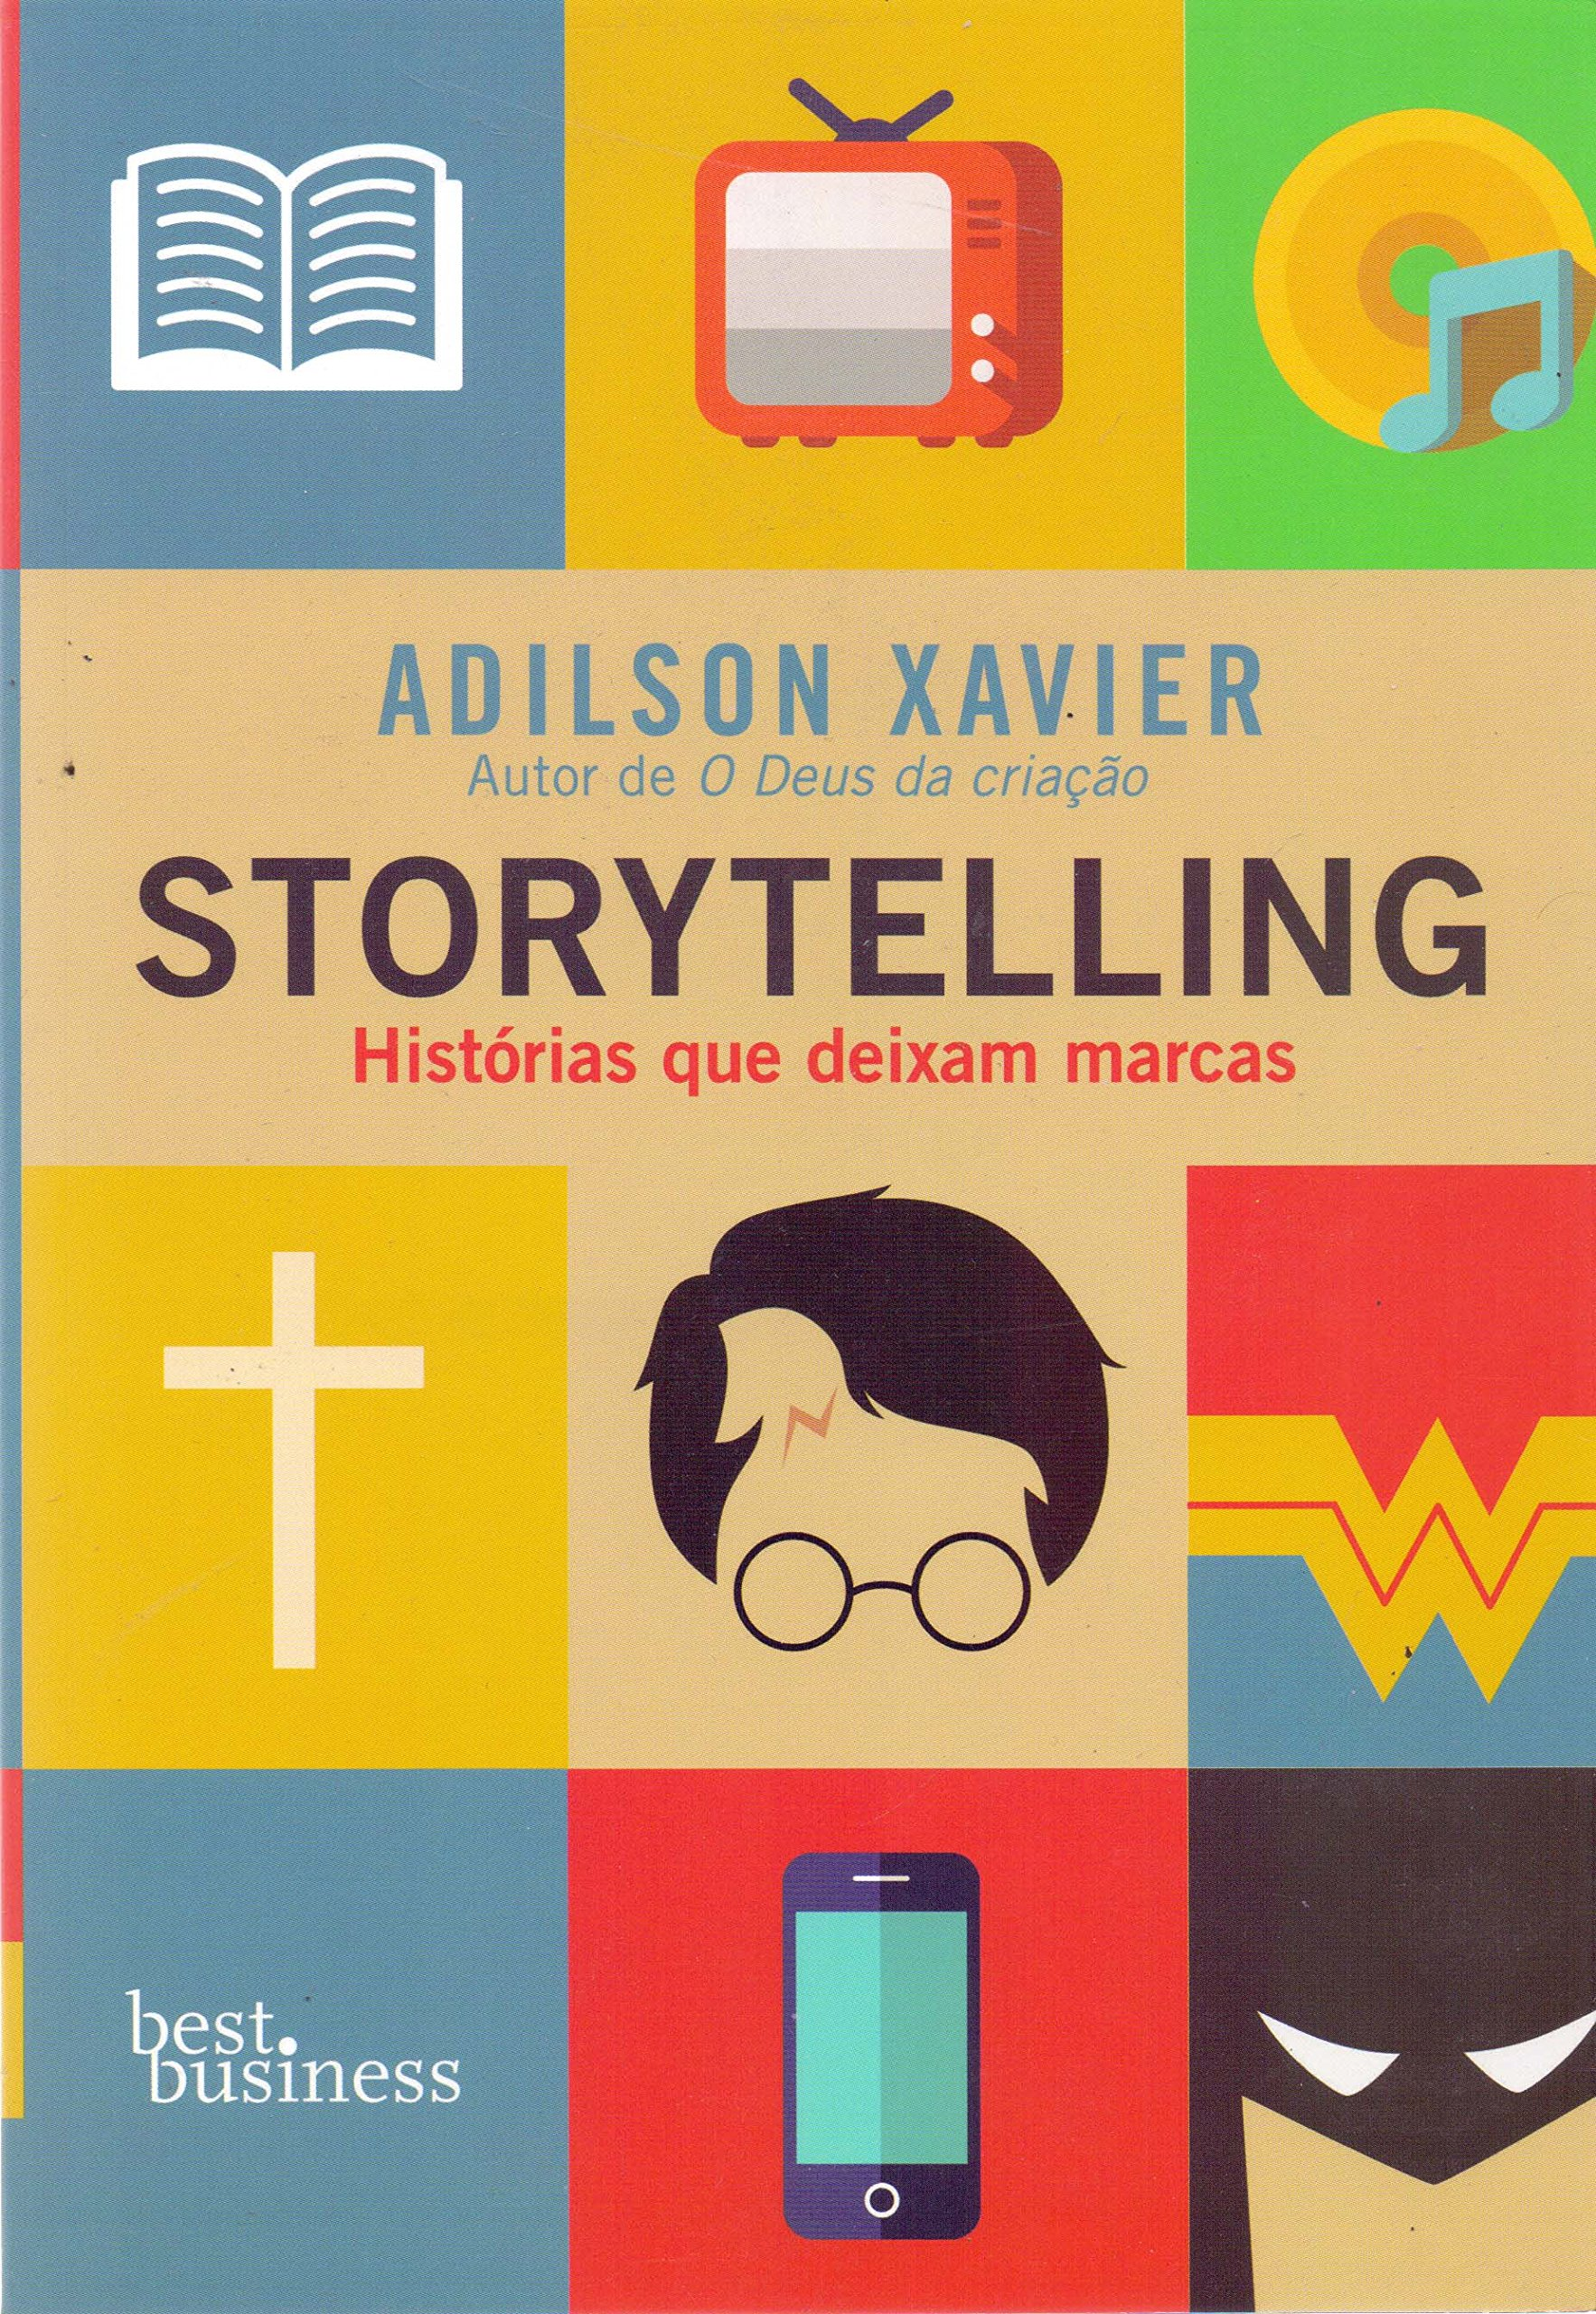 Storytelling: Historias Que Deixam Marcas (Em Portugues do Brasil): Adilson Xavier: 9788576848608: Amazon.com: Books